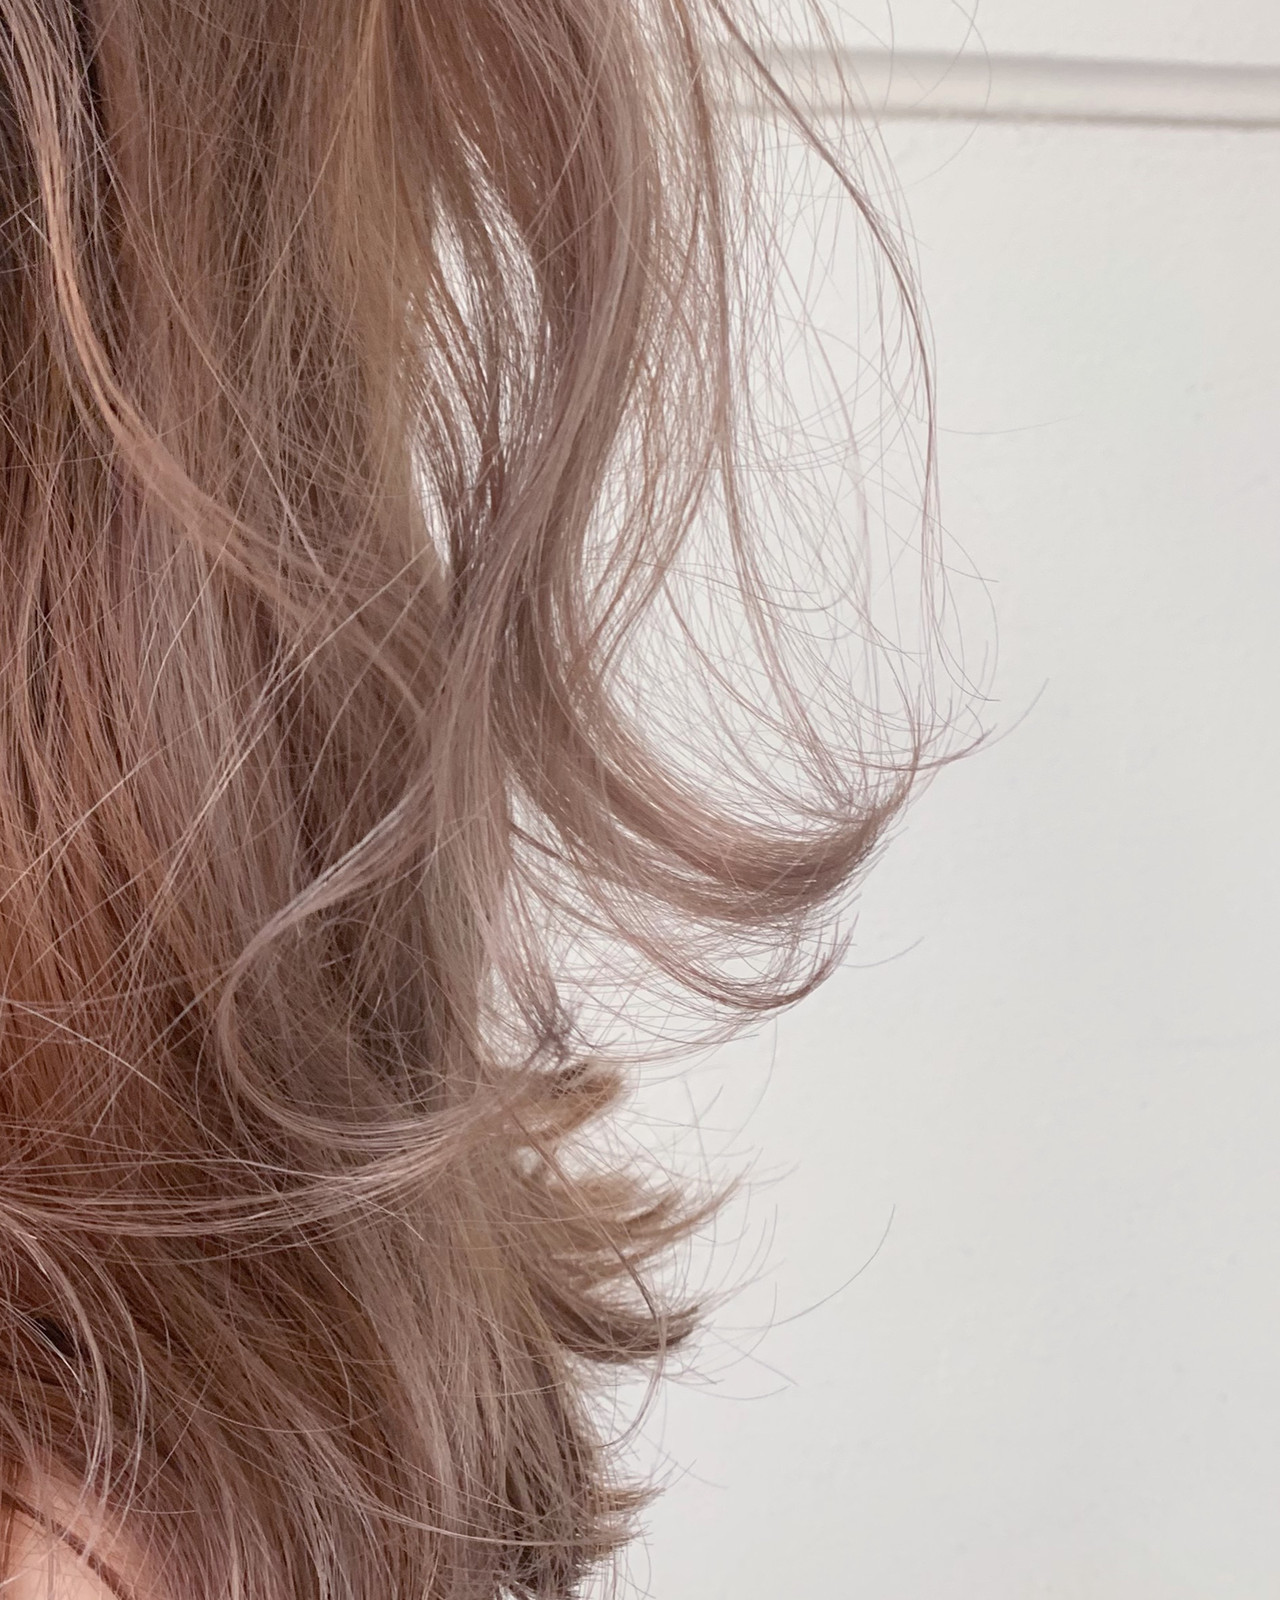 セミロング ヌーディーベージュ ブラウンベージュ ナチュラル ヘアスタイルや髪型の写真・画像 | 寺坂 雄飛 / banks hair